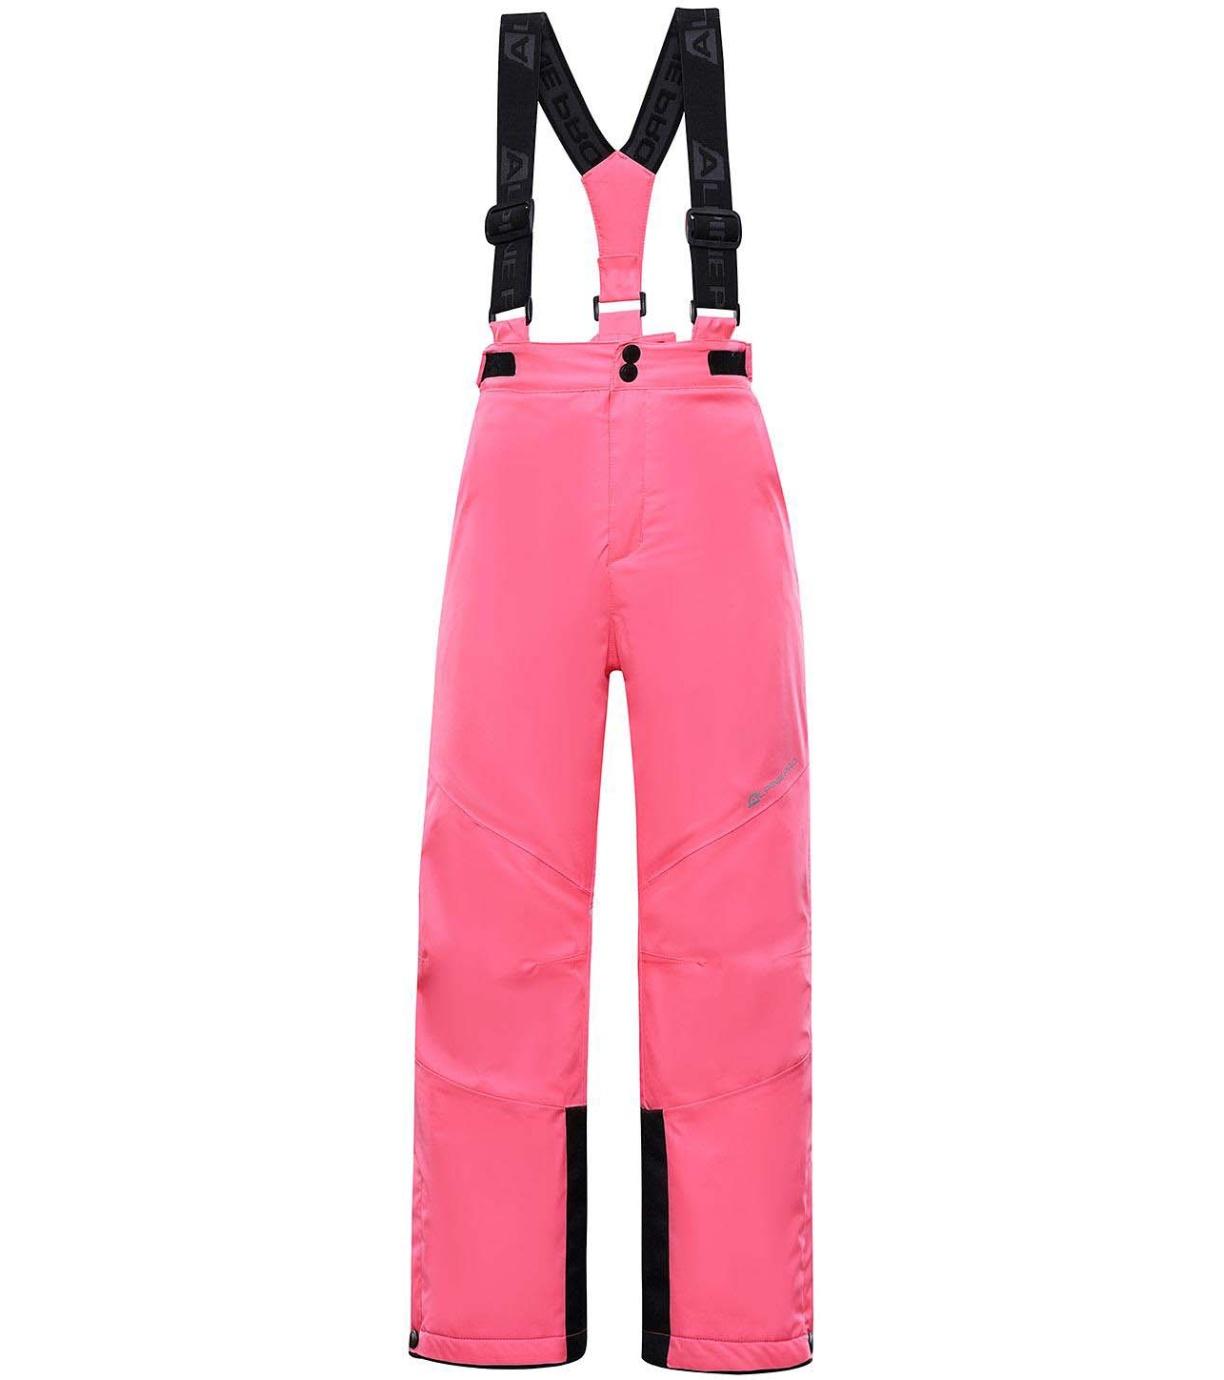 ALPINE PRO ANIKO 4 Dětské lyžařské kalhoty KPAS203452 růžová 128-134